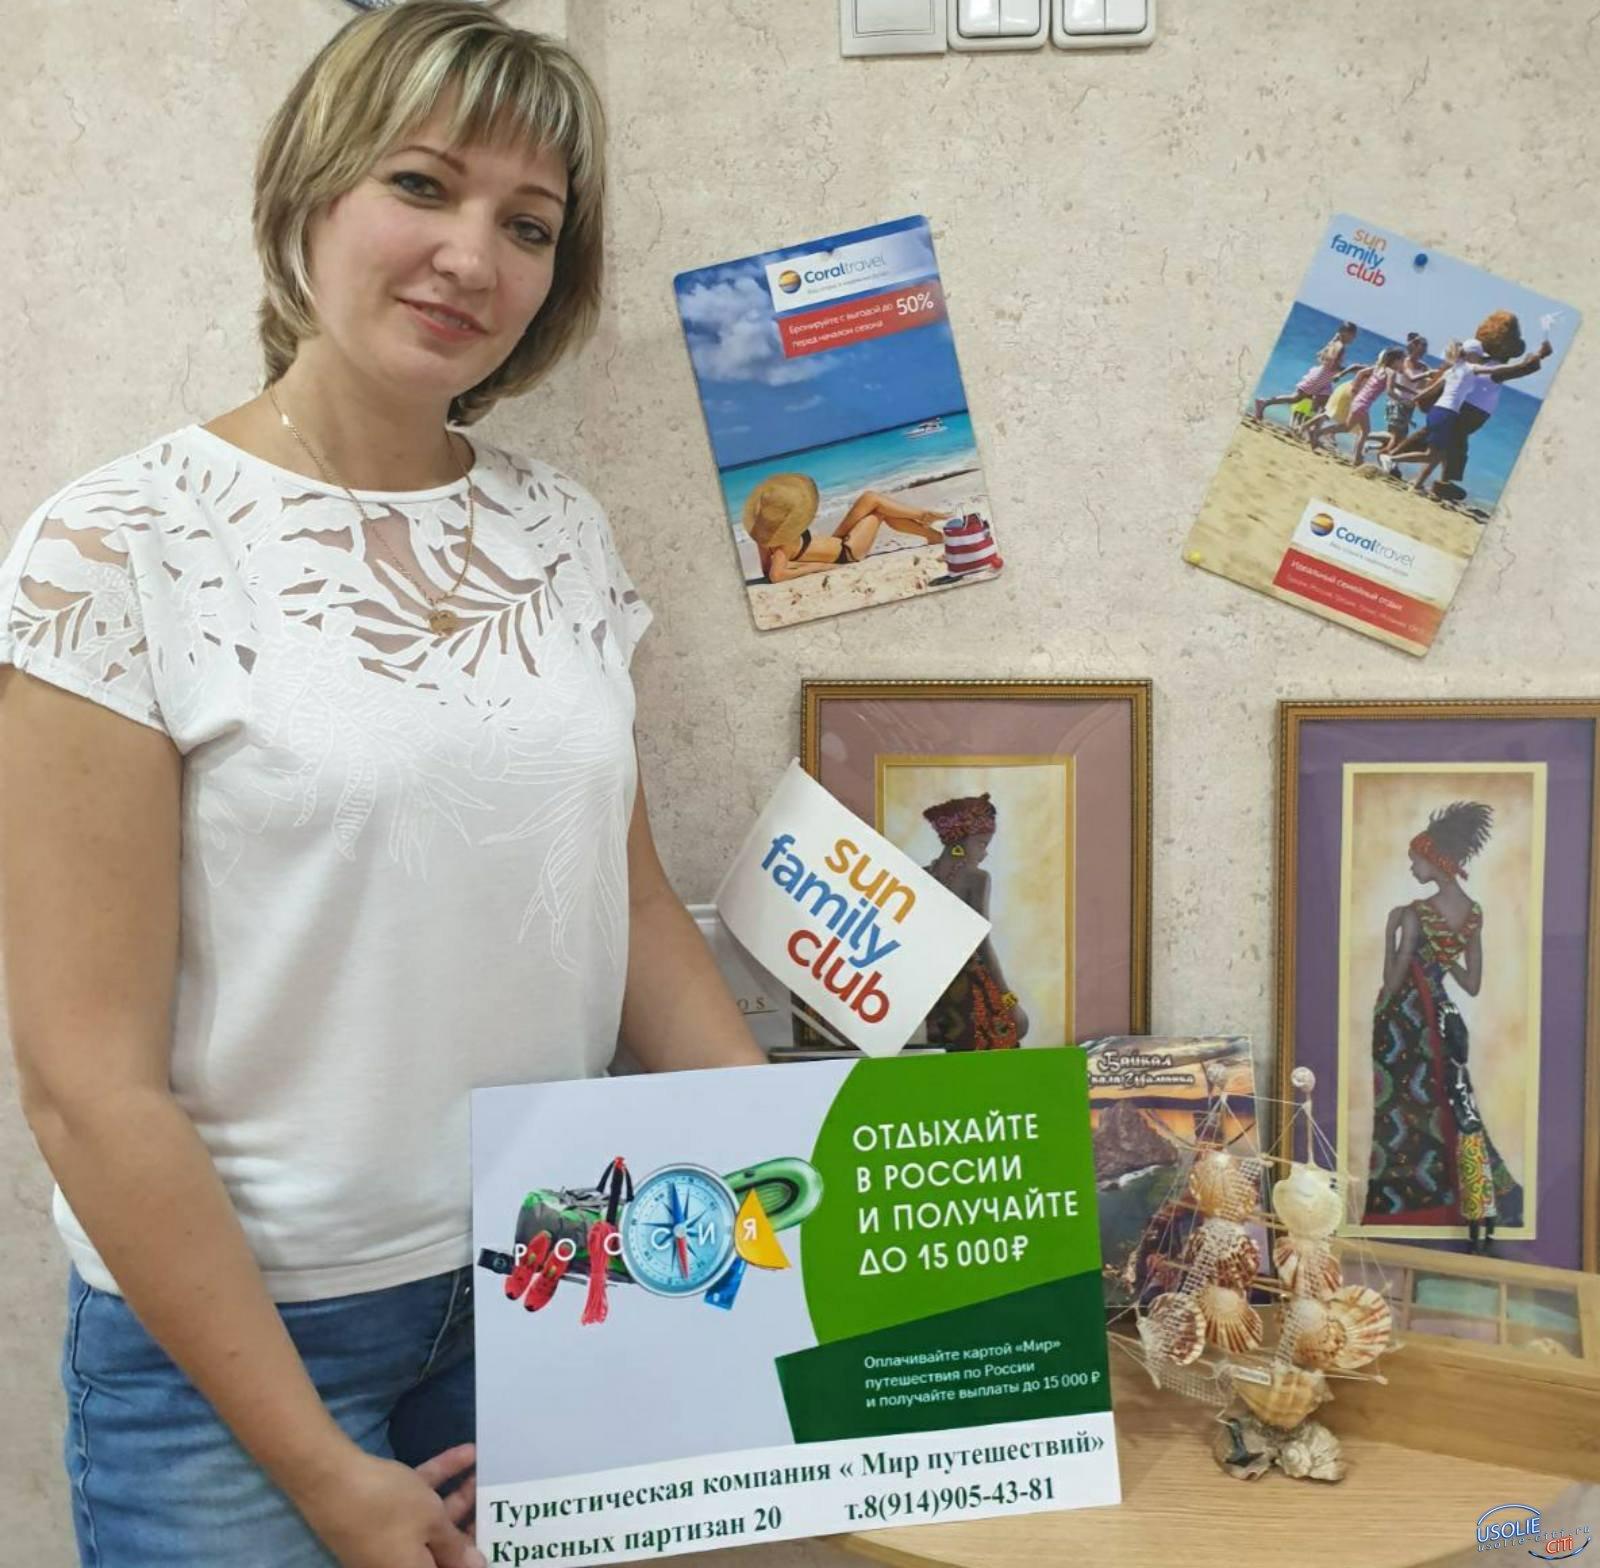 Открывай Россию с туристической компанией «Мир путешествий» и   программой КЭШБЭК